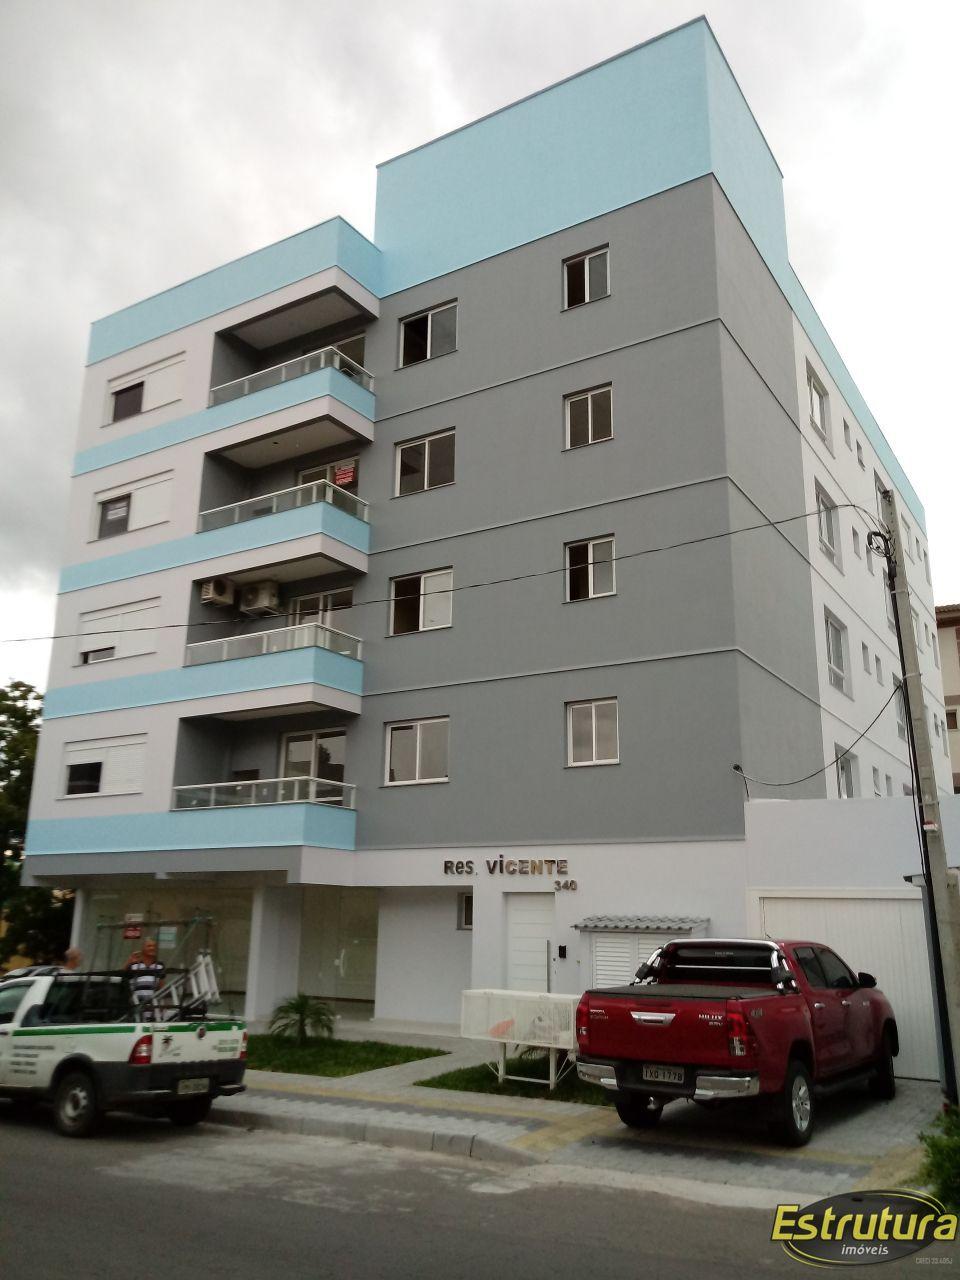 Apartamento com 3 Dormitórios à venda, 88 m² por R$ 600.000,00